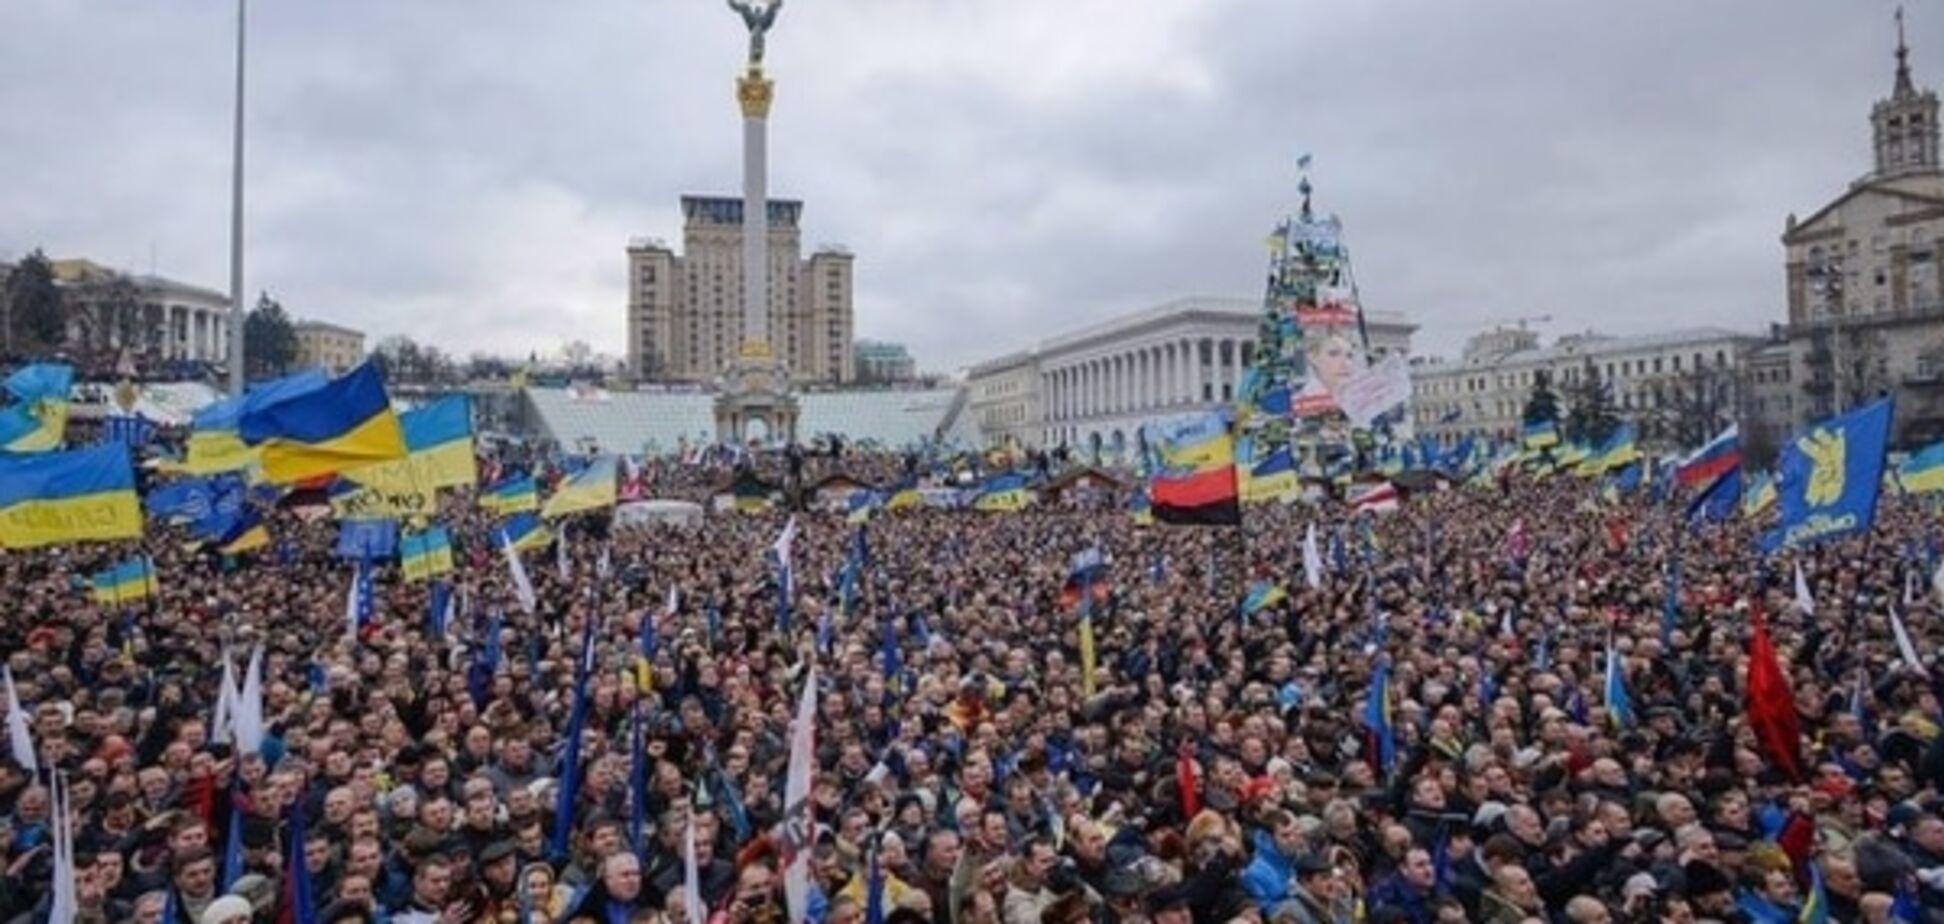 Реакція буде жорсткою: Шкіряк розповів про заходи безпеки на Майдані